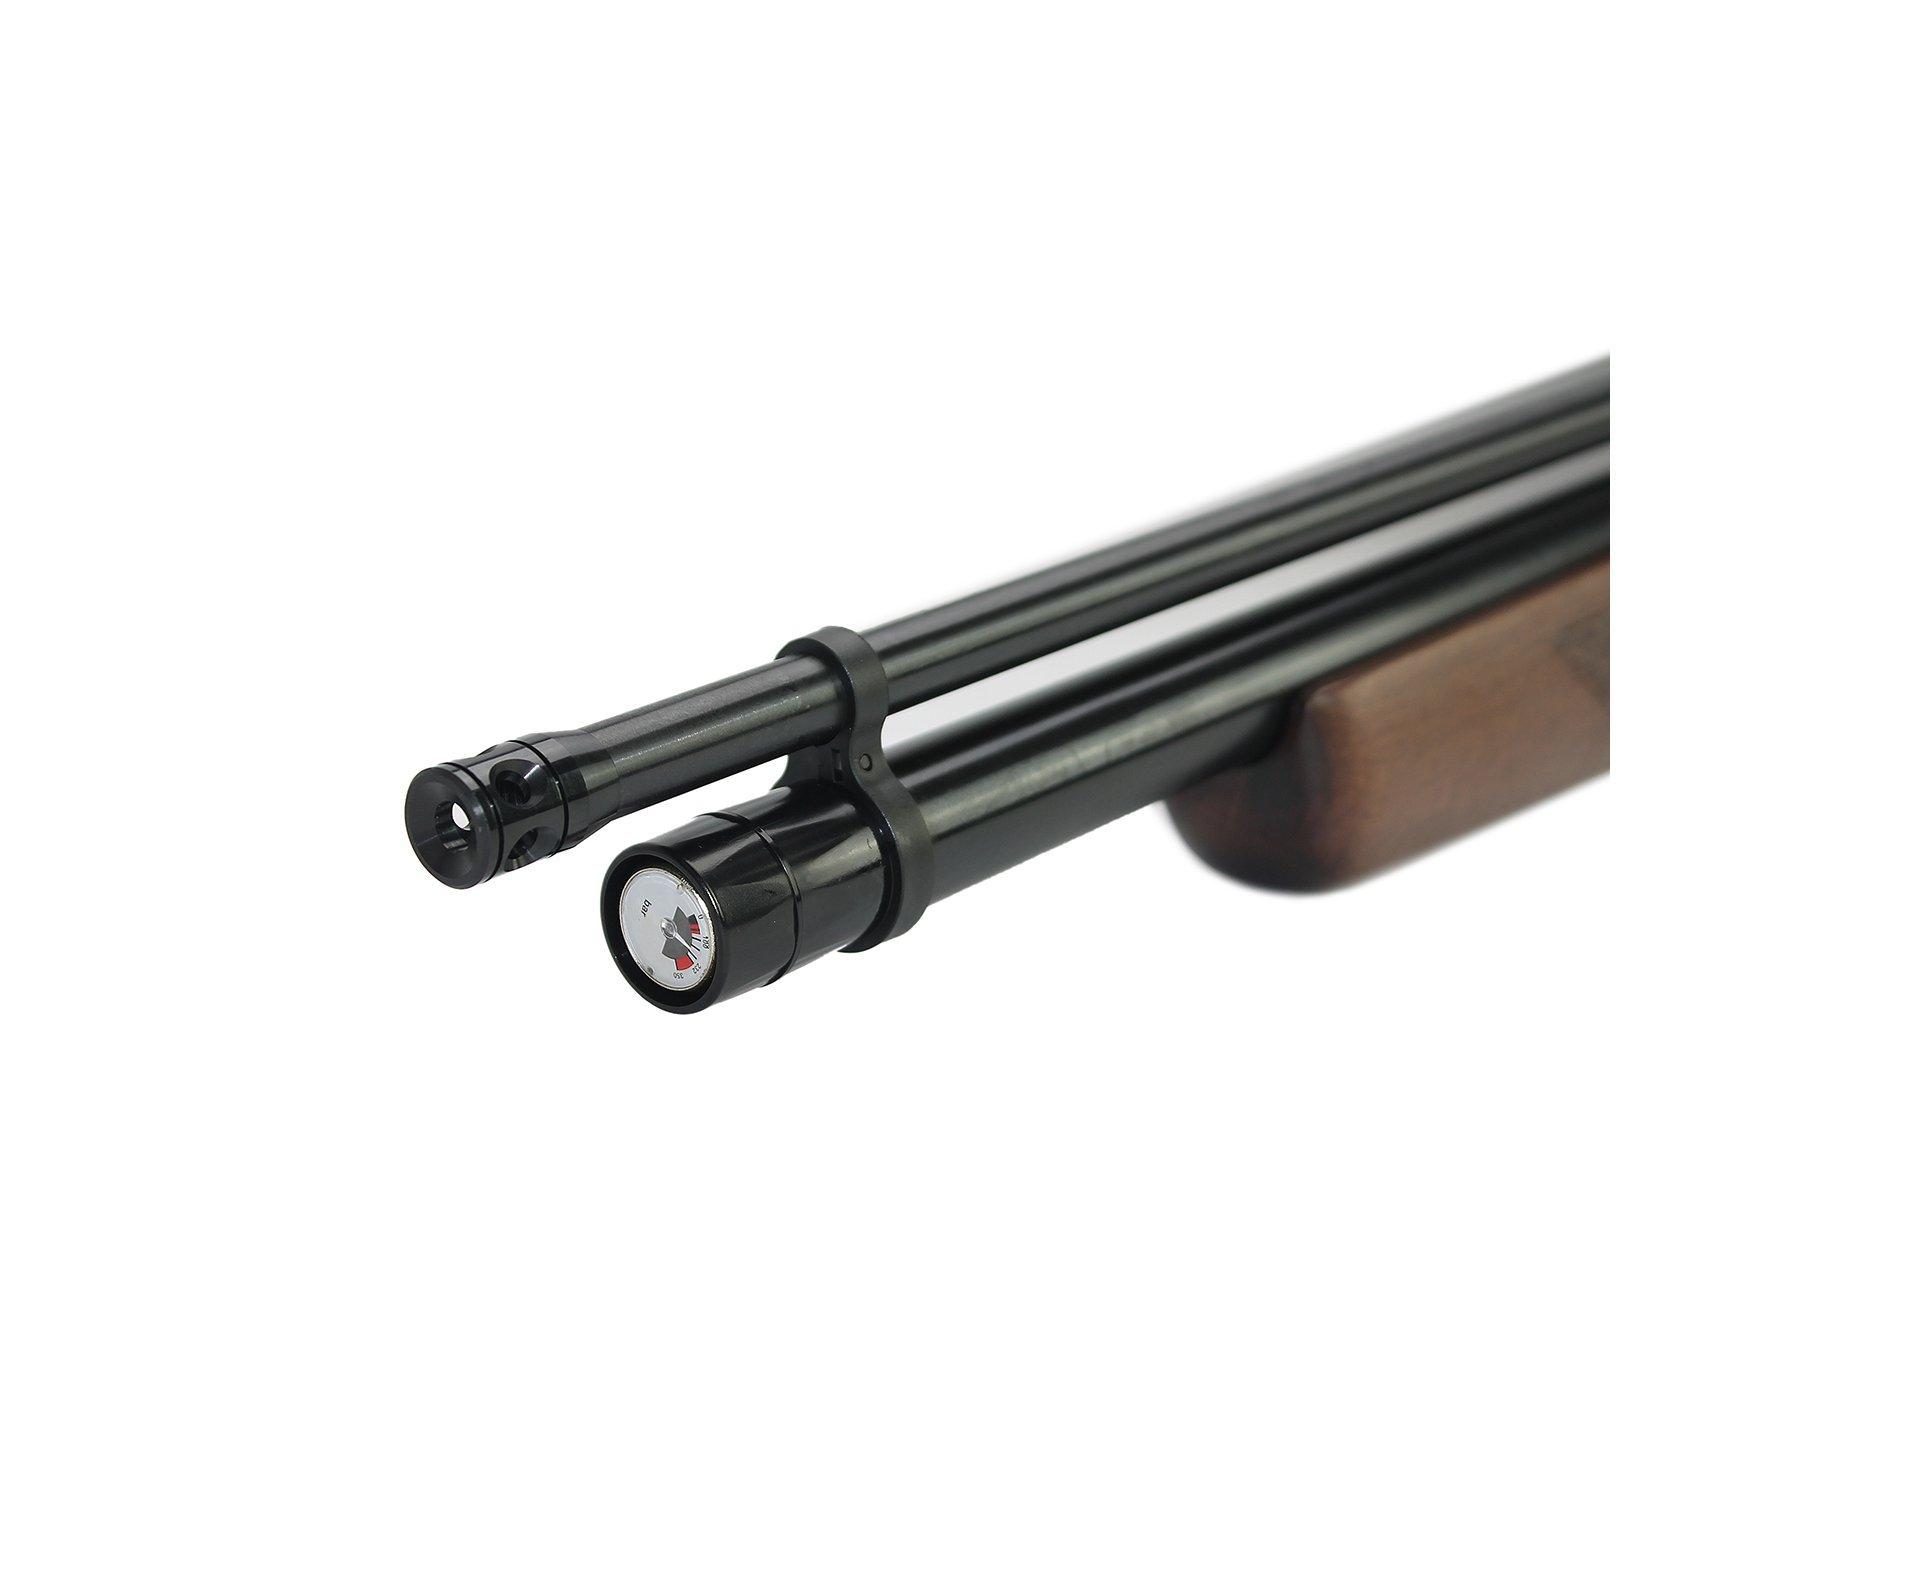 Carabina Pcp Gamo Coyote - Madeira Cal 5,5mm - Gamo